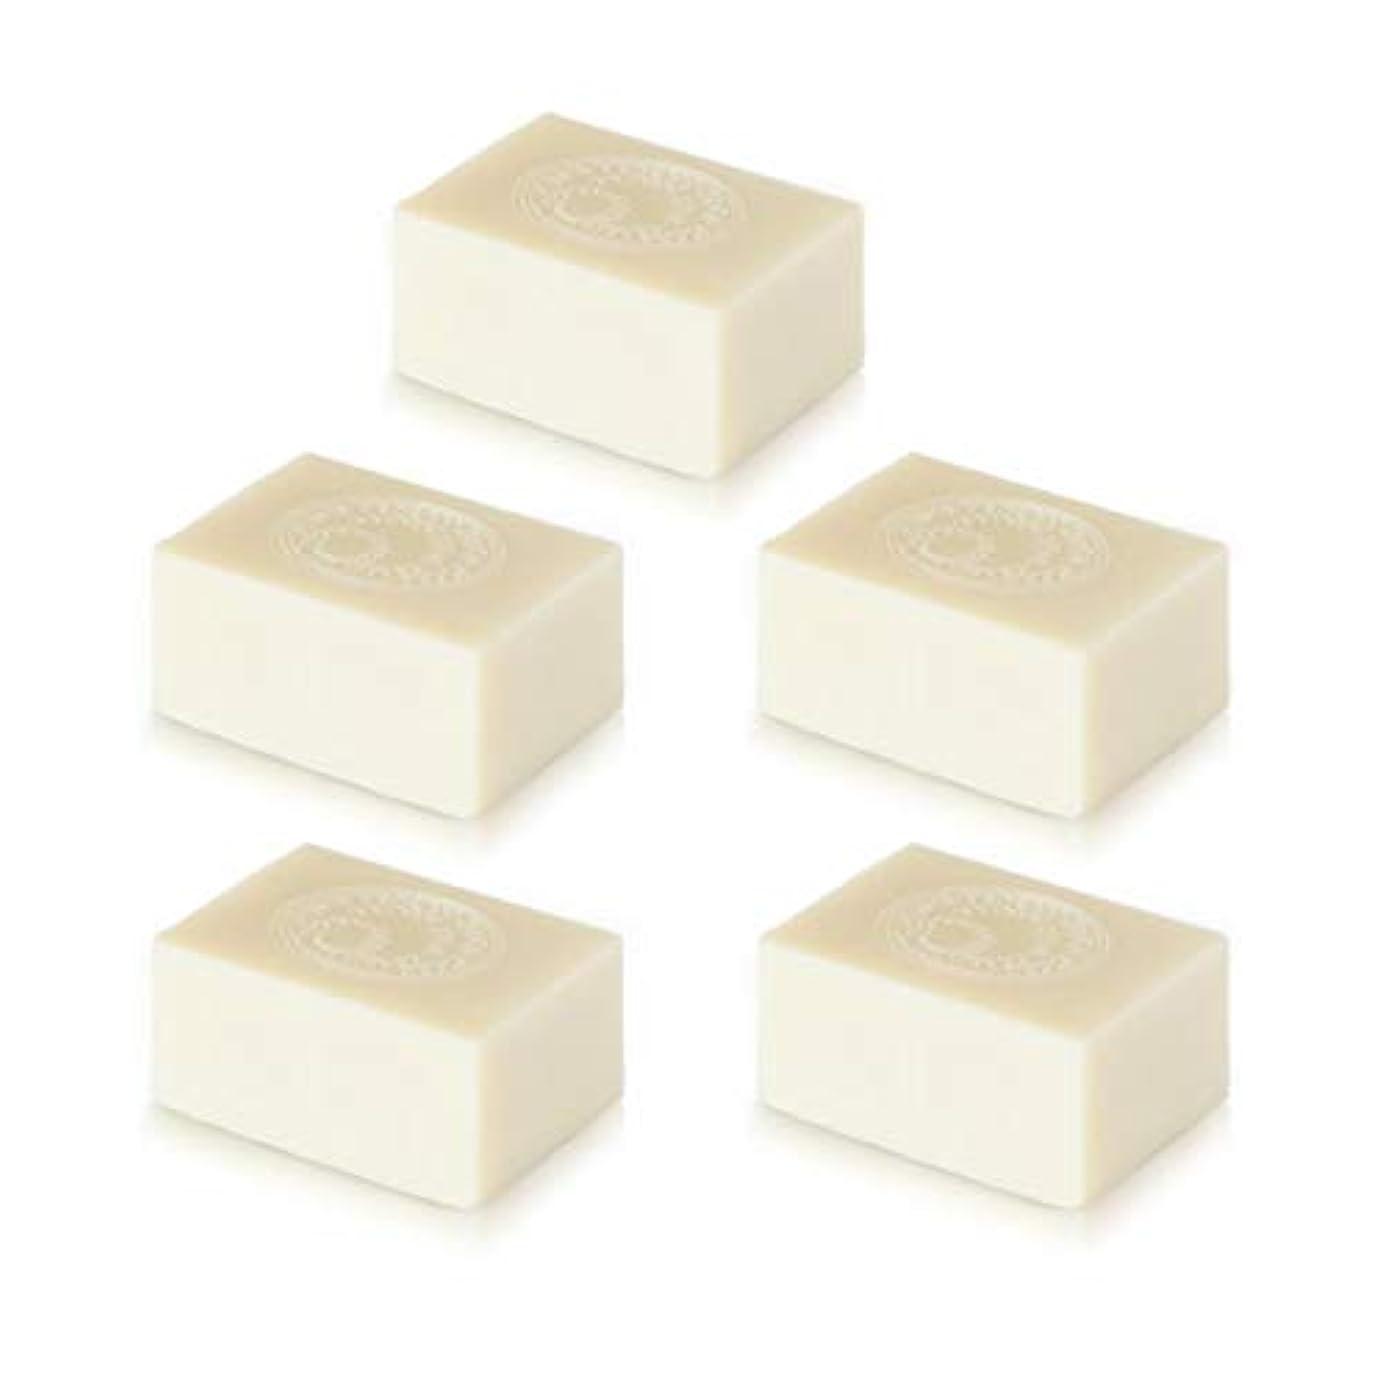 震えウィンクギャンブルナイアード アルガン石鹸5個セット( 145g ×5個)無添加アルガン石鹸